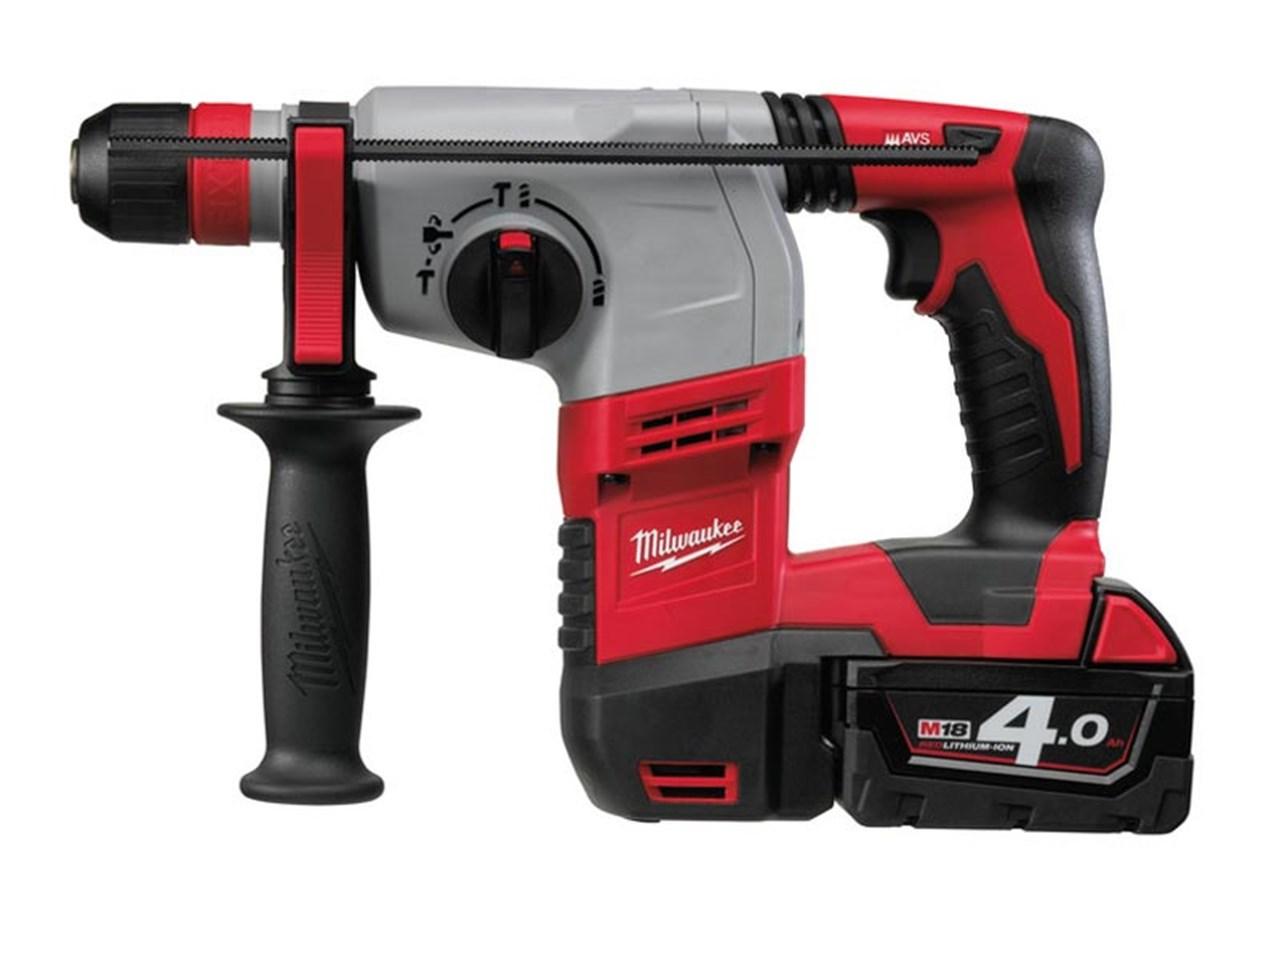 Milwaukee HD18HX-402C 18v SDS Plus Rotary Hammer Drill 2x4 0Ah Li-Ion